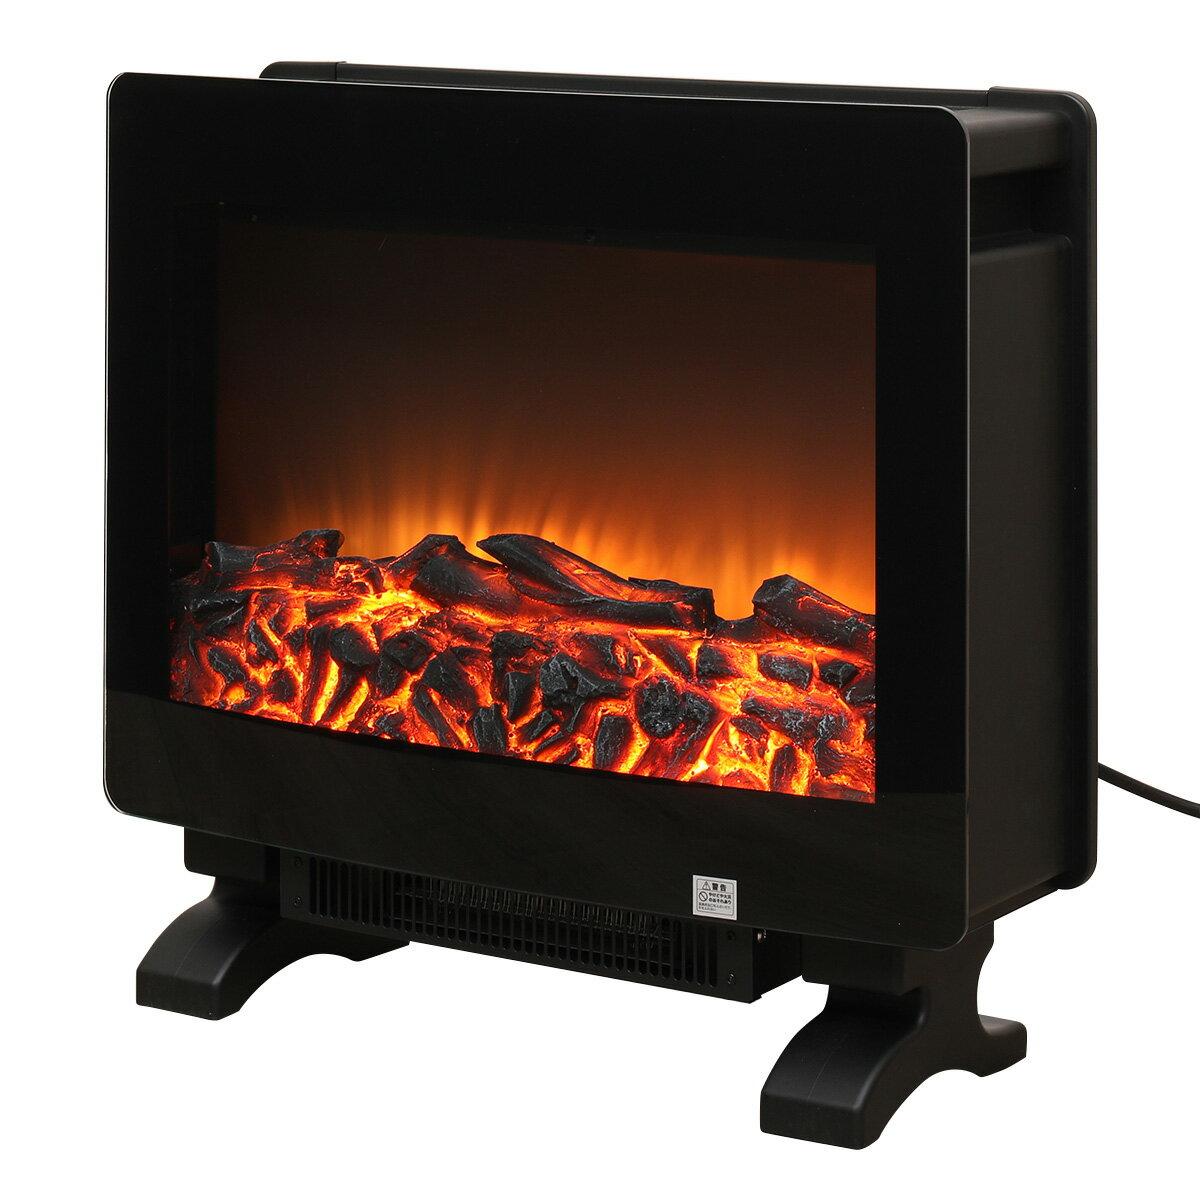 スリム暖炉型ファンヒーター(BK19)